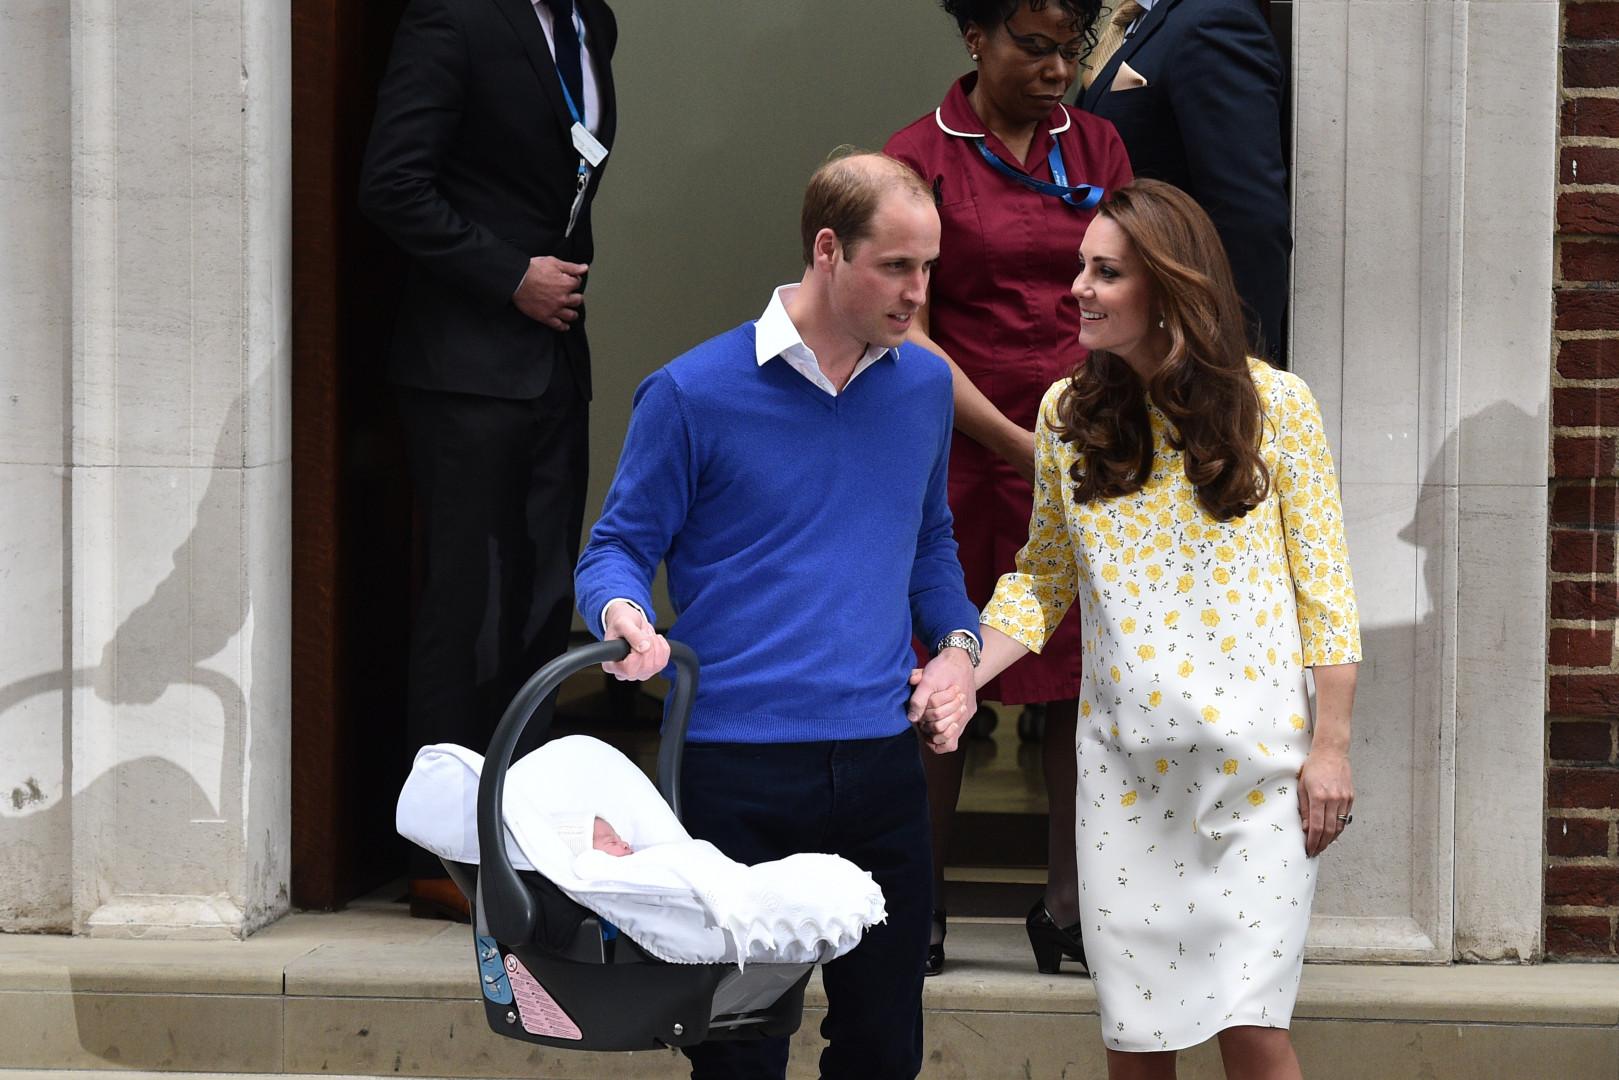 Après une séance photo express, Kate et William sont rentrés à Kensington.